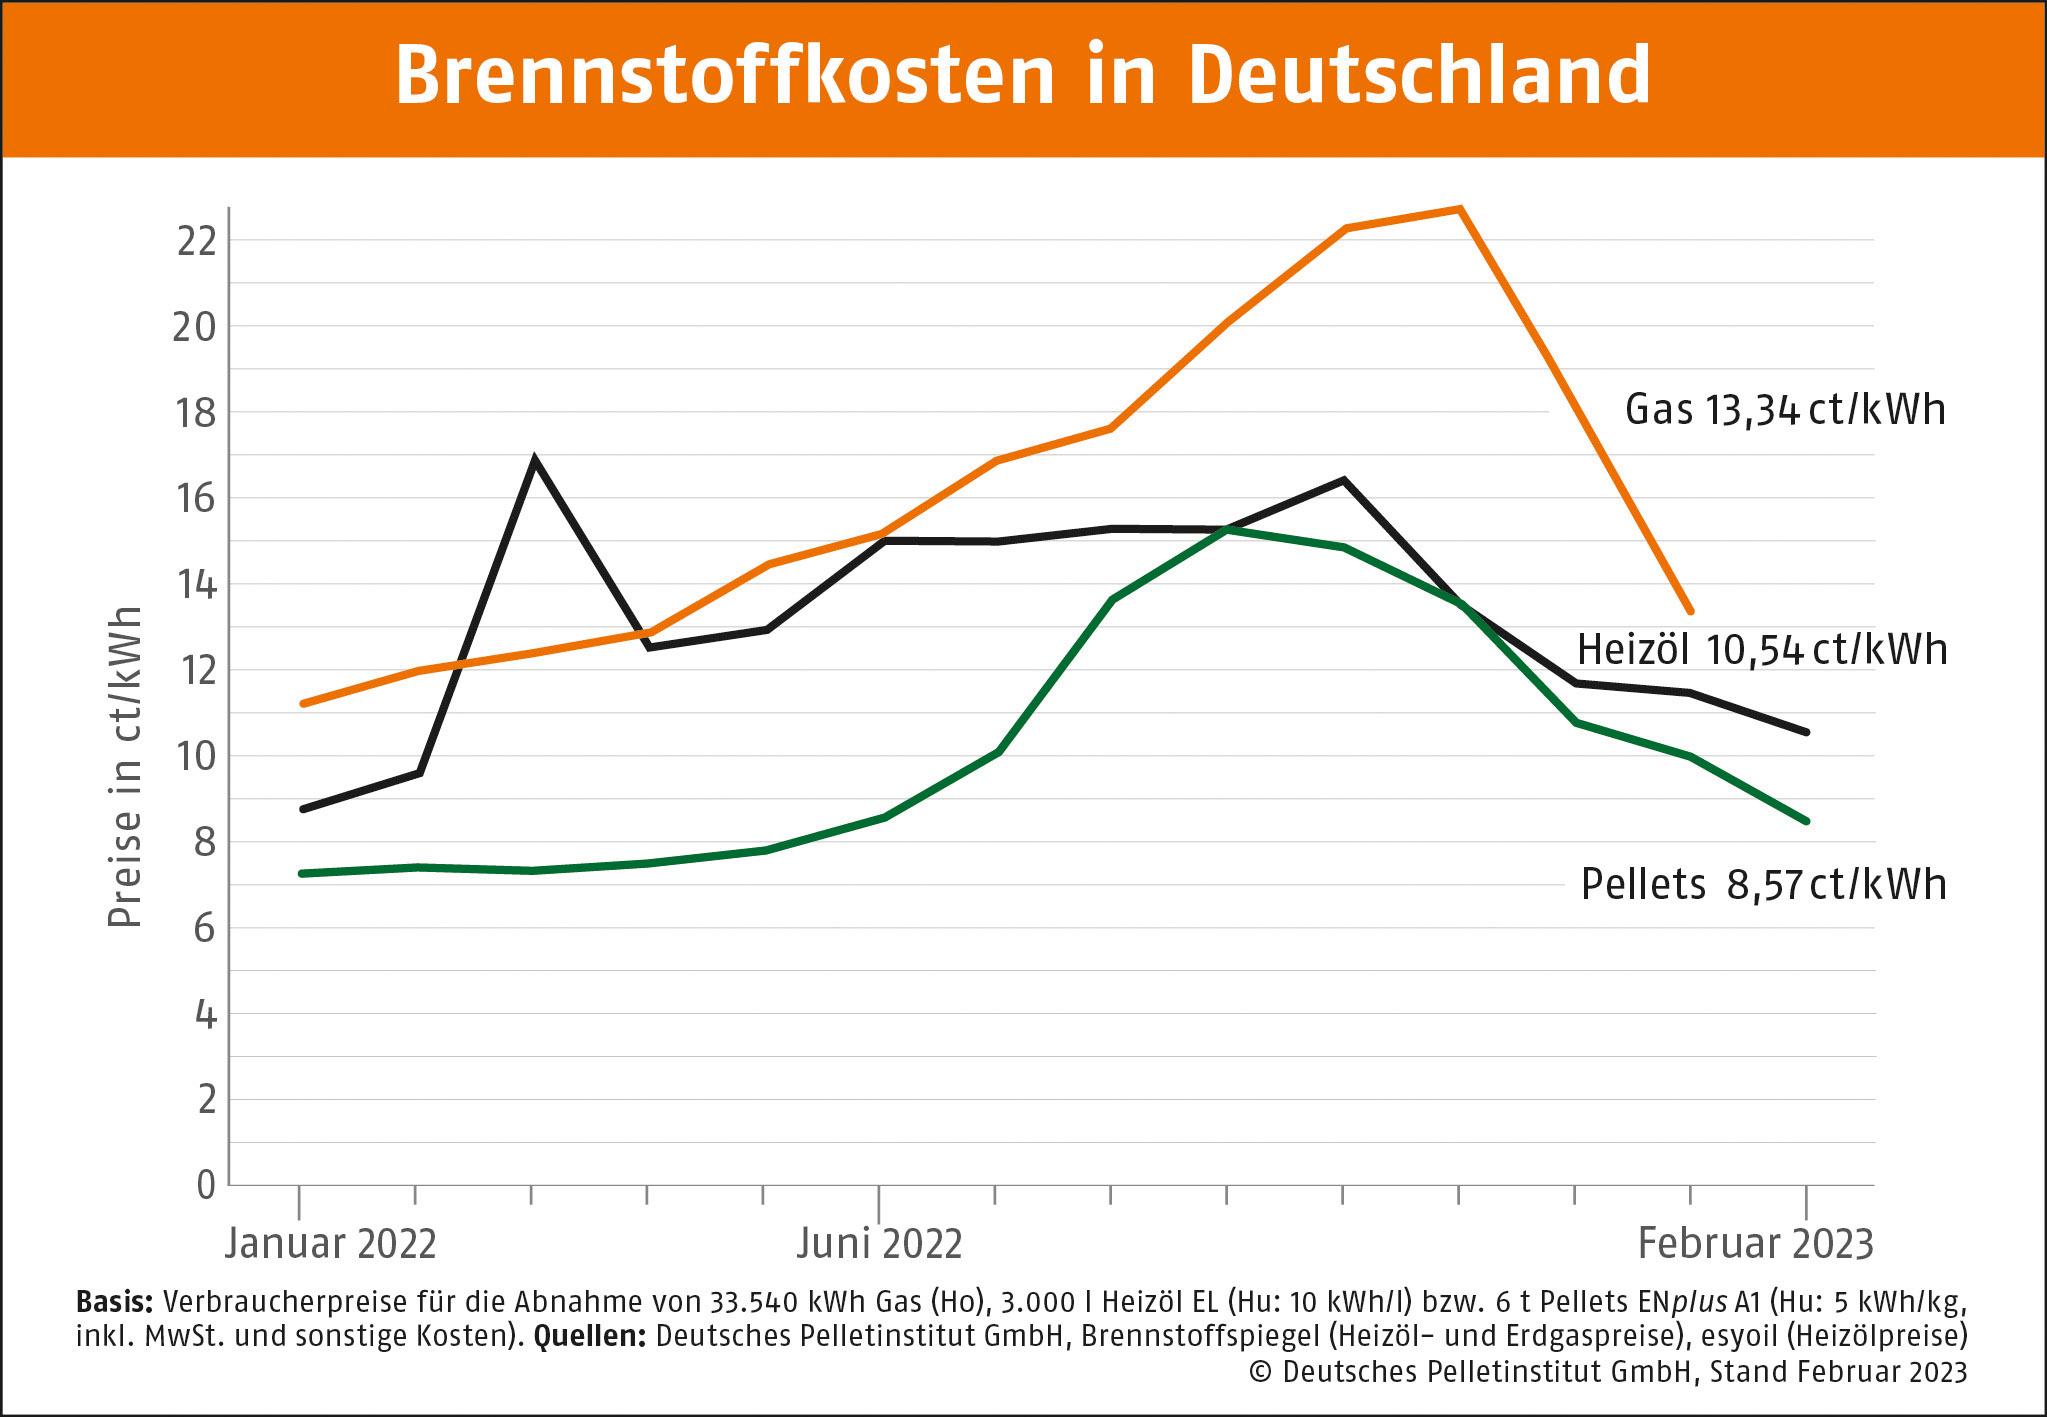 Heizkostenentwicklung in Deutschland